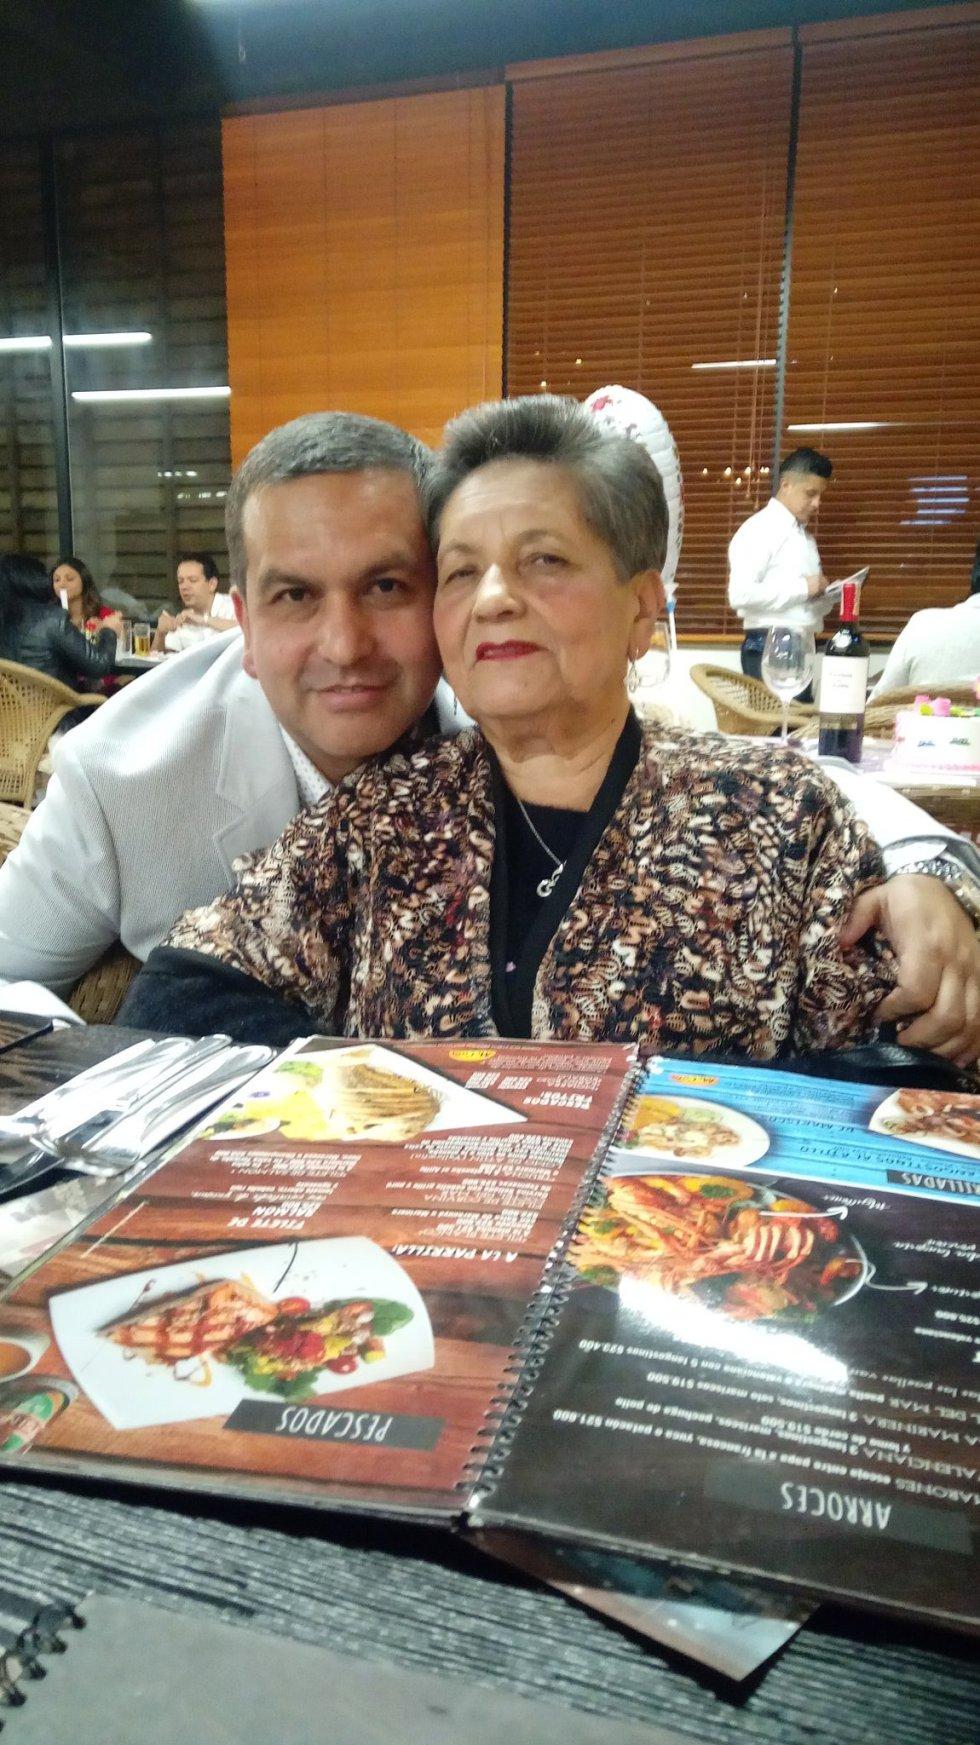 @dianaeme @dosypuntoradio Con Mamá celebrando su día por adelantado este fin de semana todo MUYYY congestionado